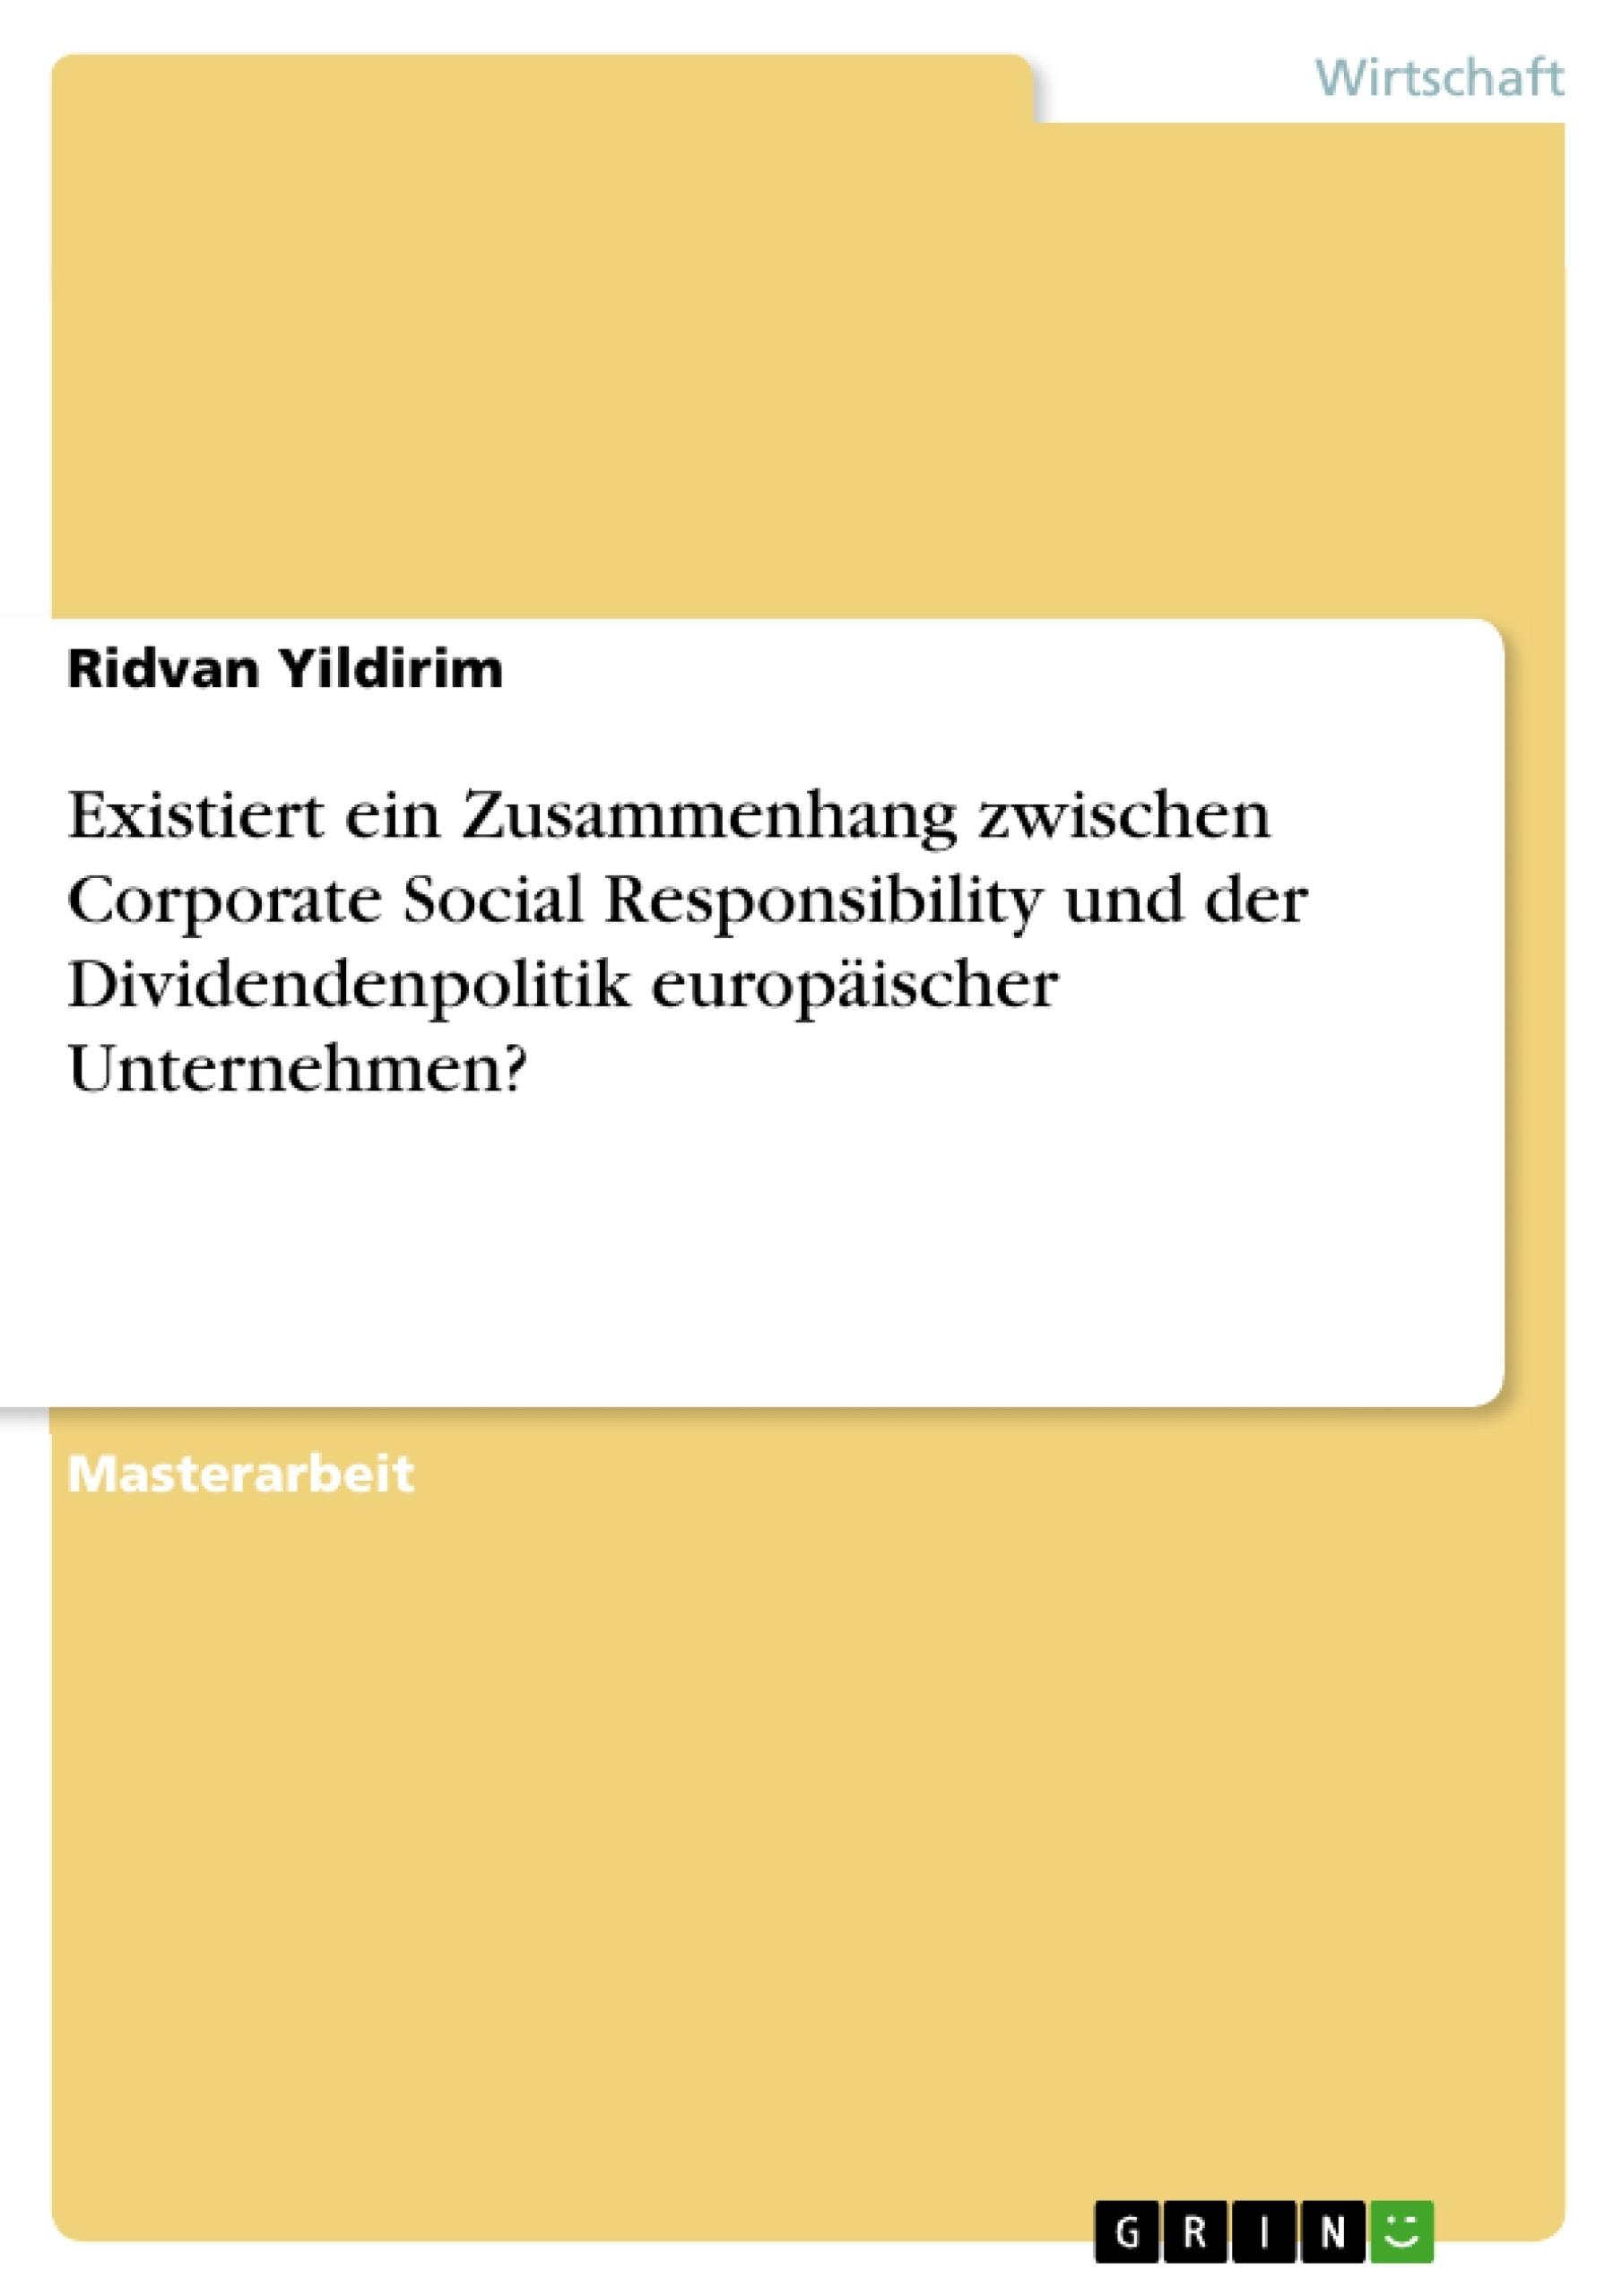 Titel: Existiert ein Zusammenhang zwischen Corporate Social Responsibility und der Dividendenpolitik europäischer Unternehmen?